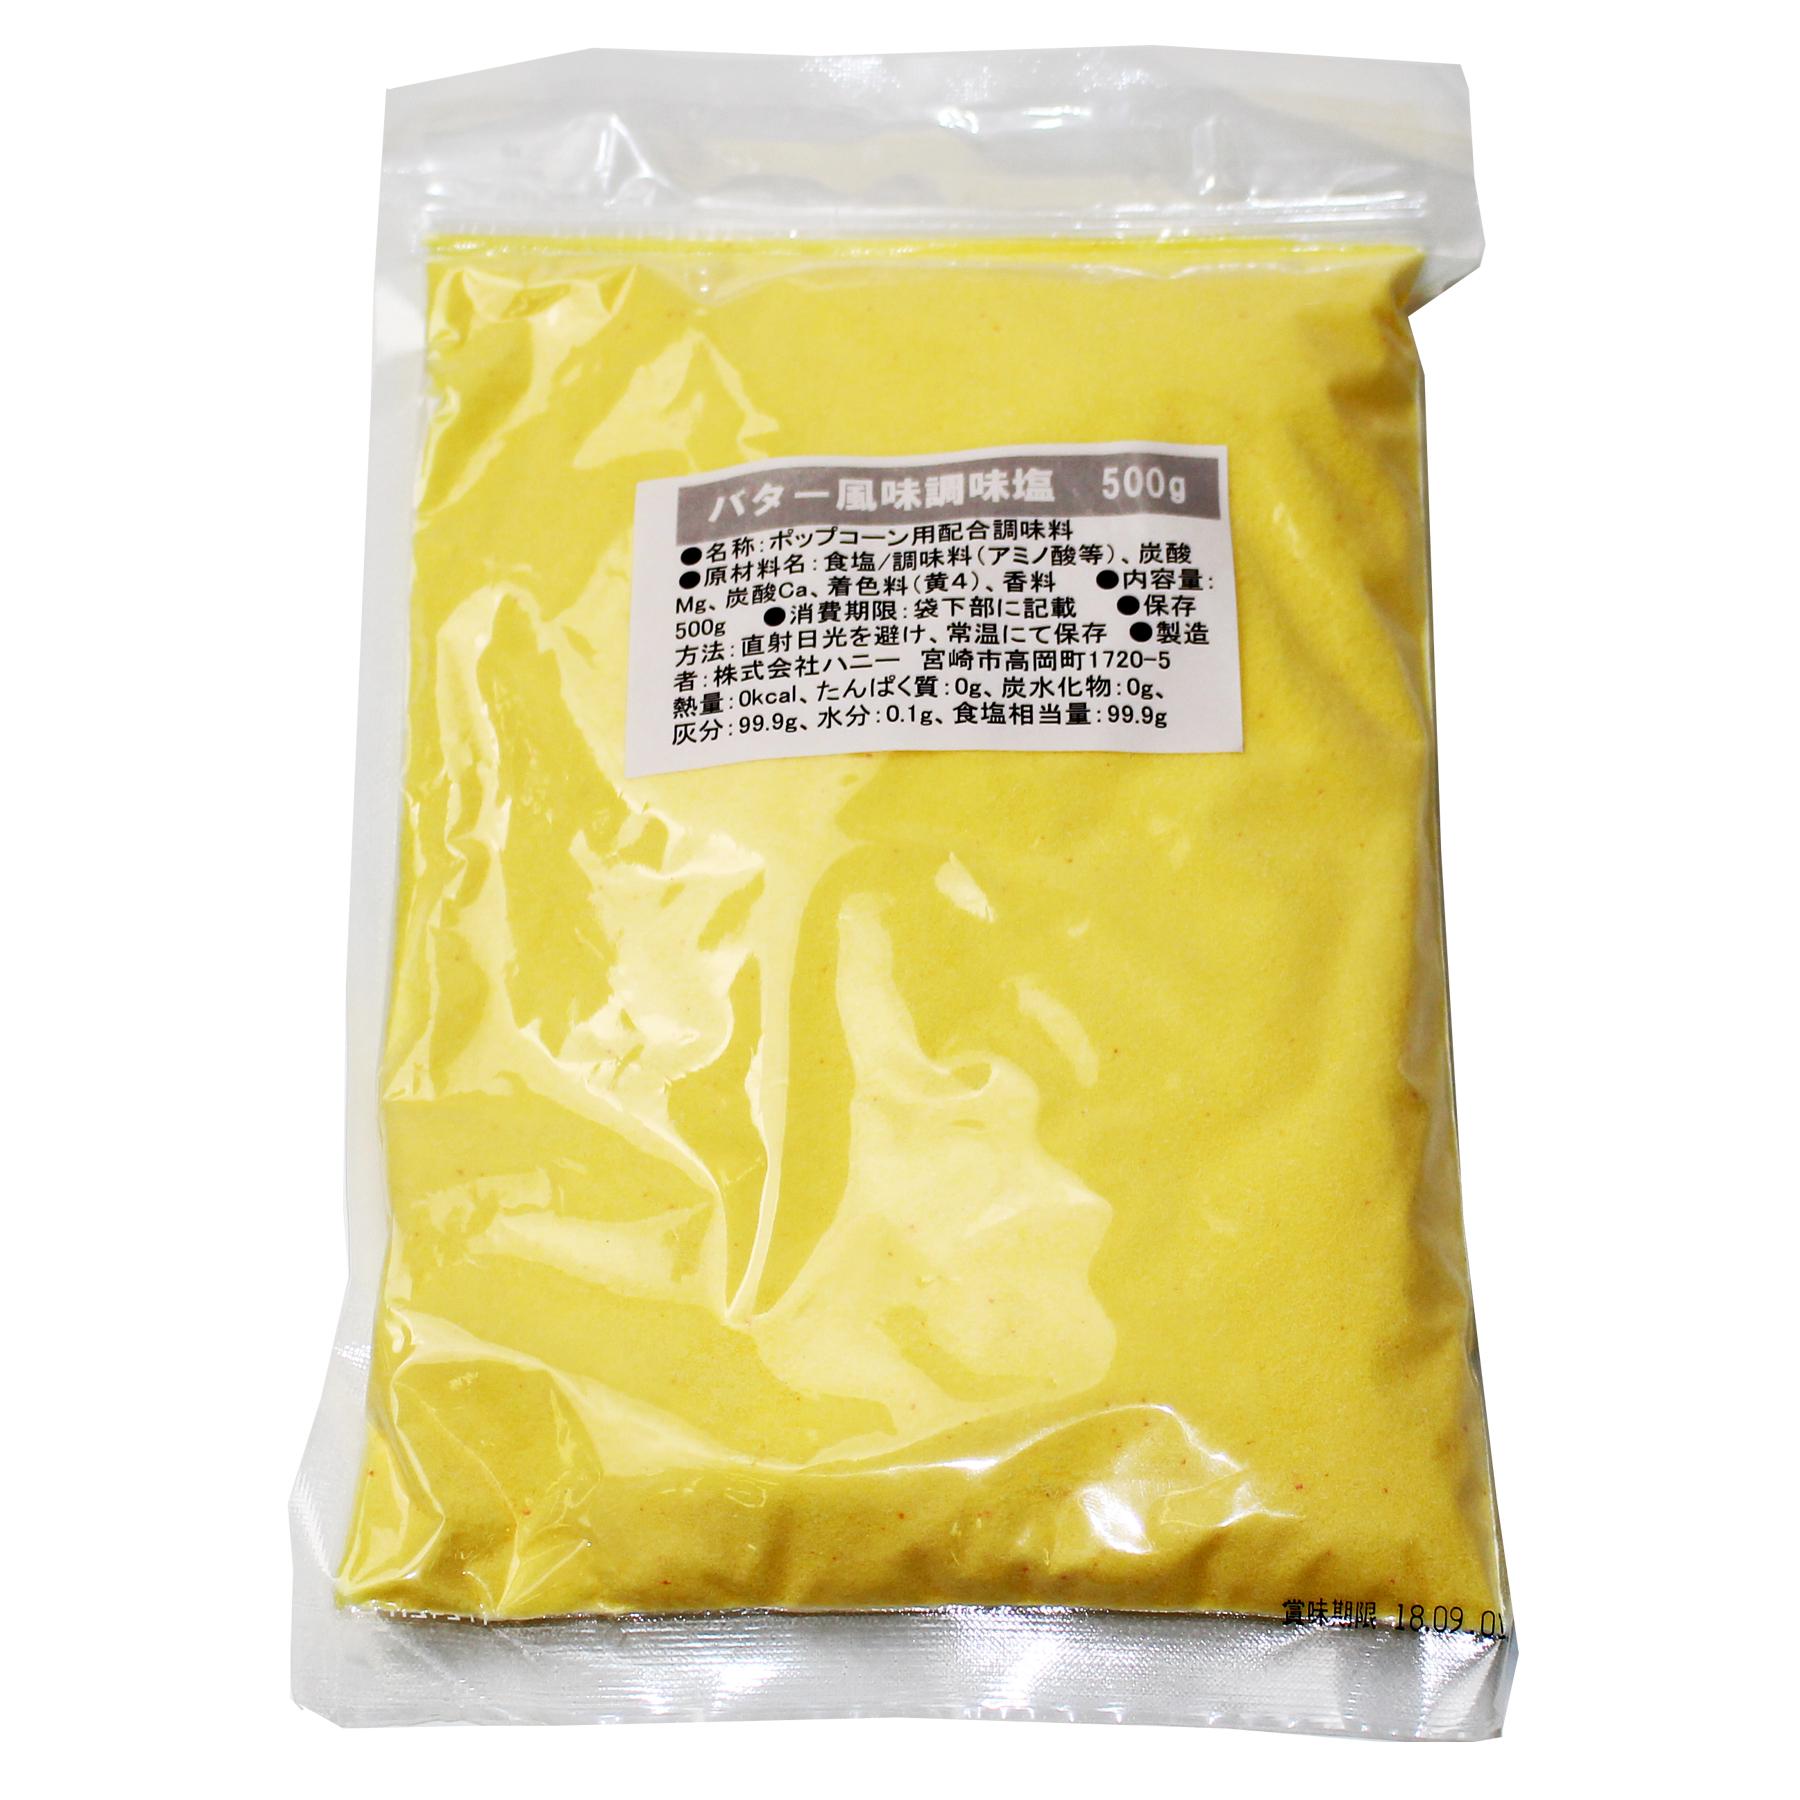 ポップコーン用材料(単品)バター風味調味料(調味塩) 500g